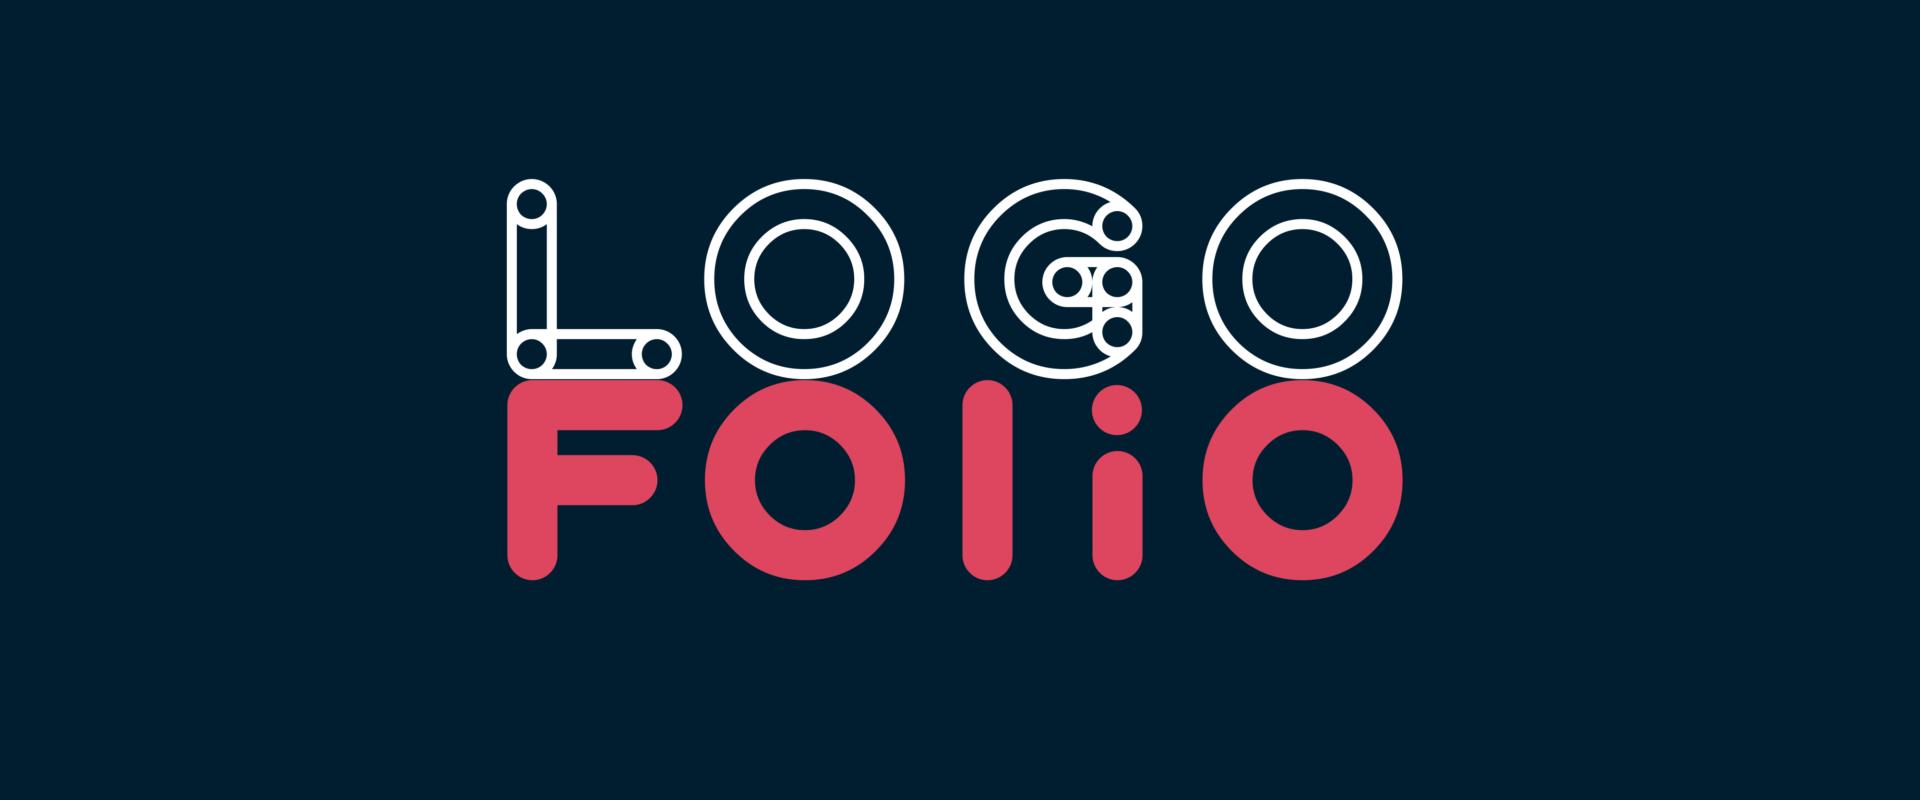 Logofolio und Branding Identities | Freelancer Grafik Designer Berlin